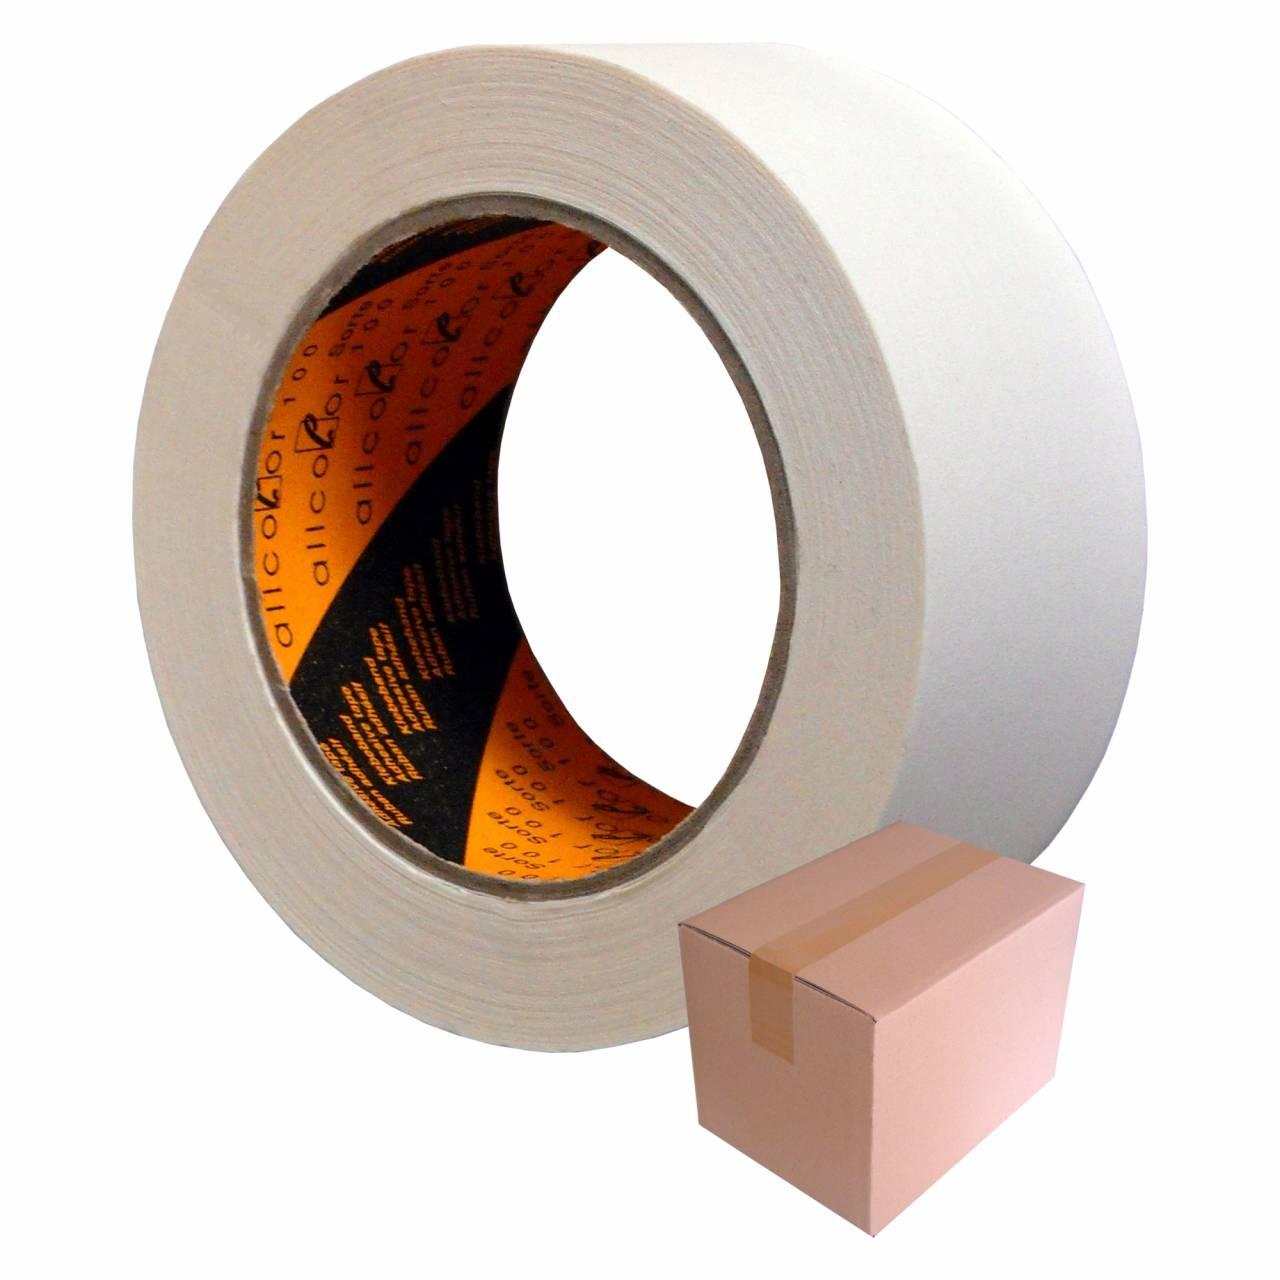 Feinkreppband T001, 19 mm x 50 m / Krt a 48 Rollen